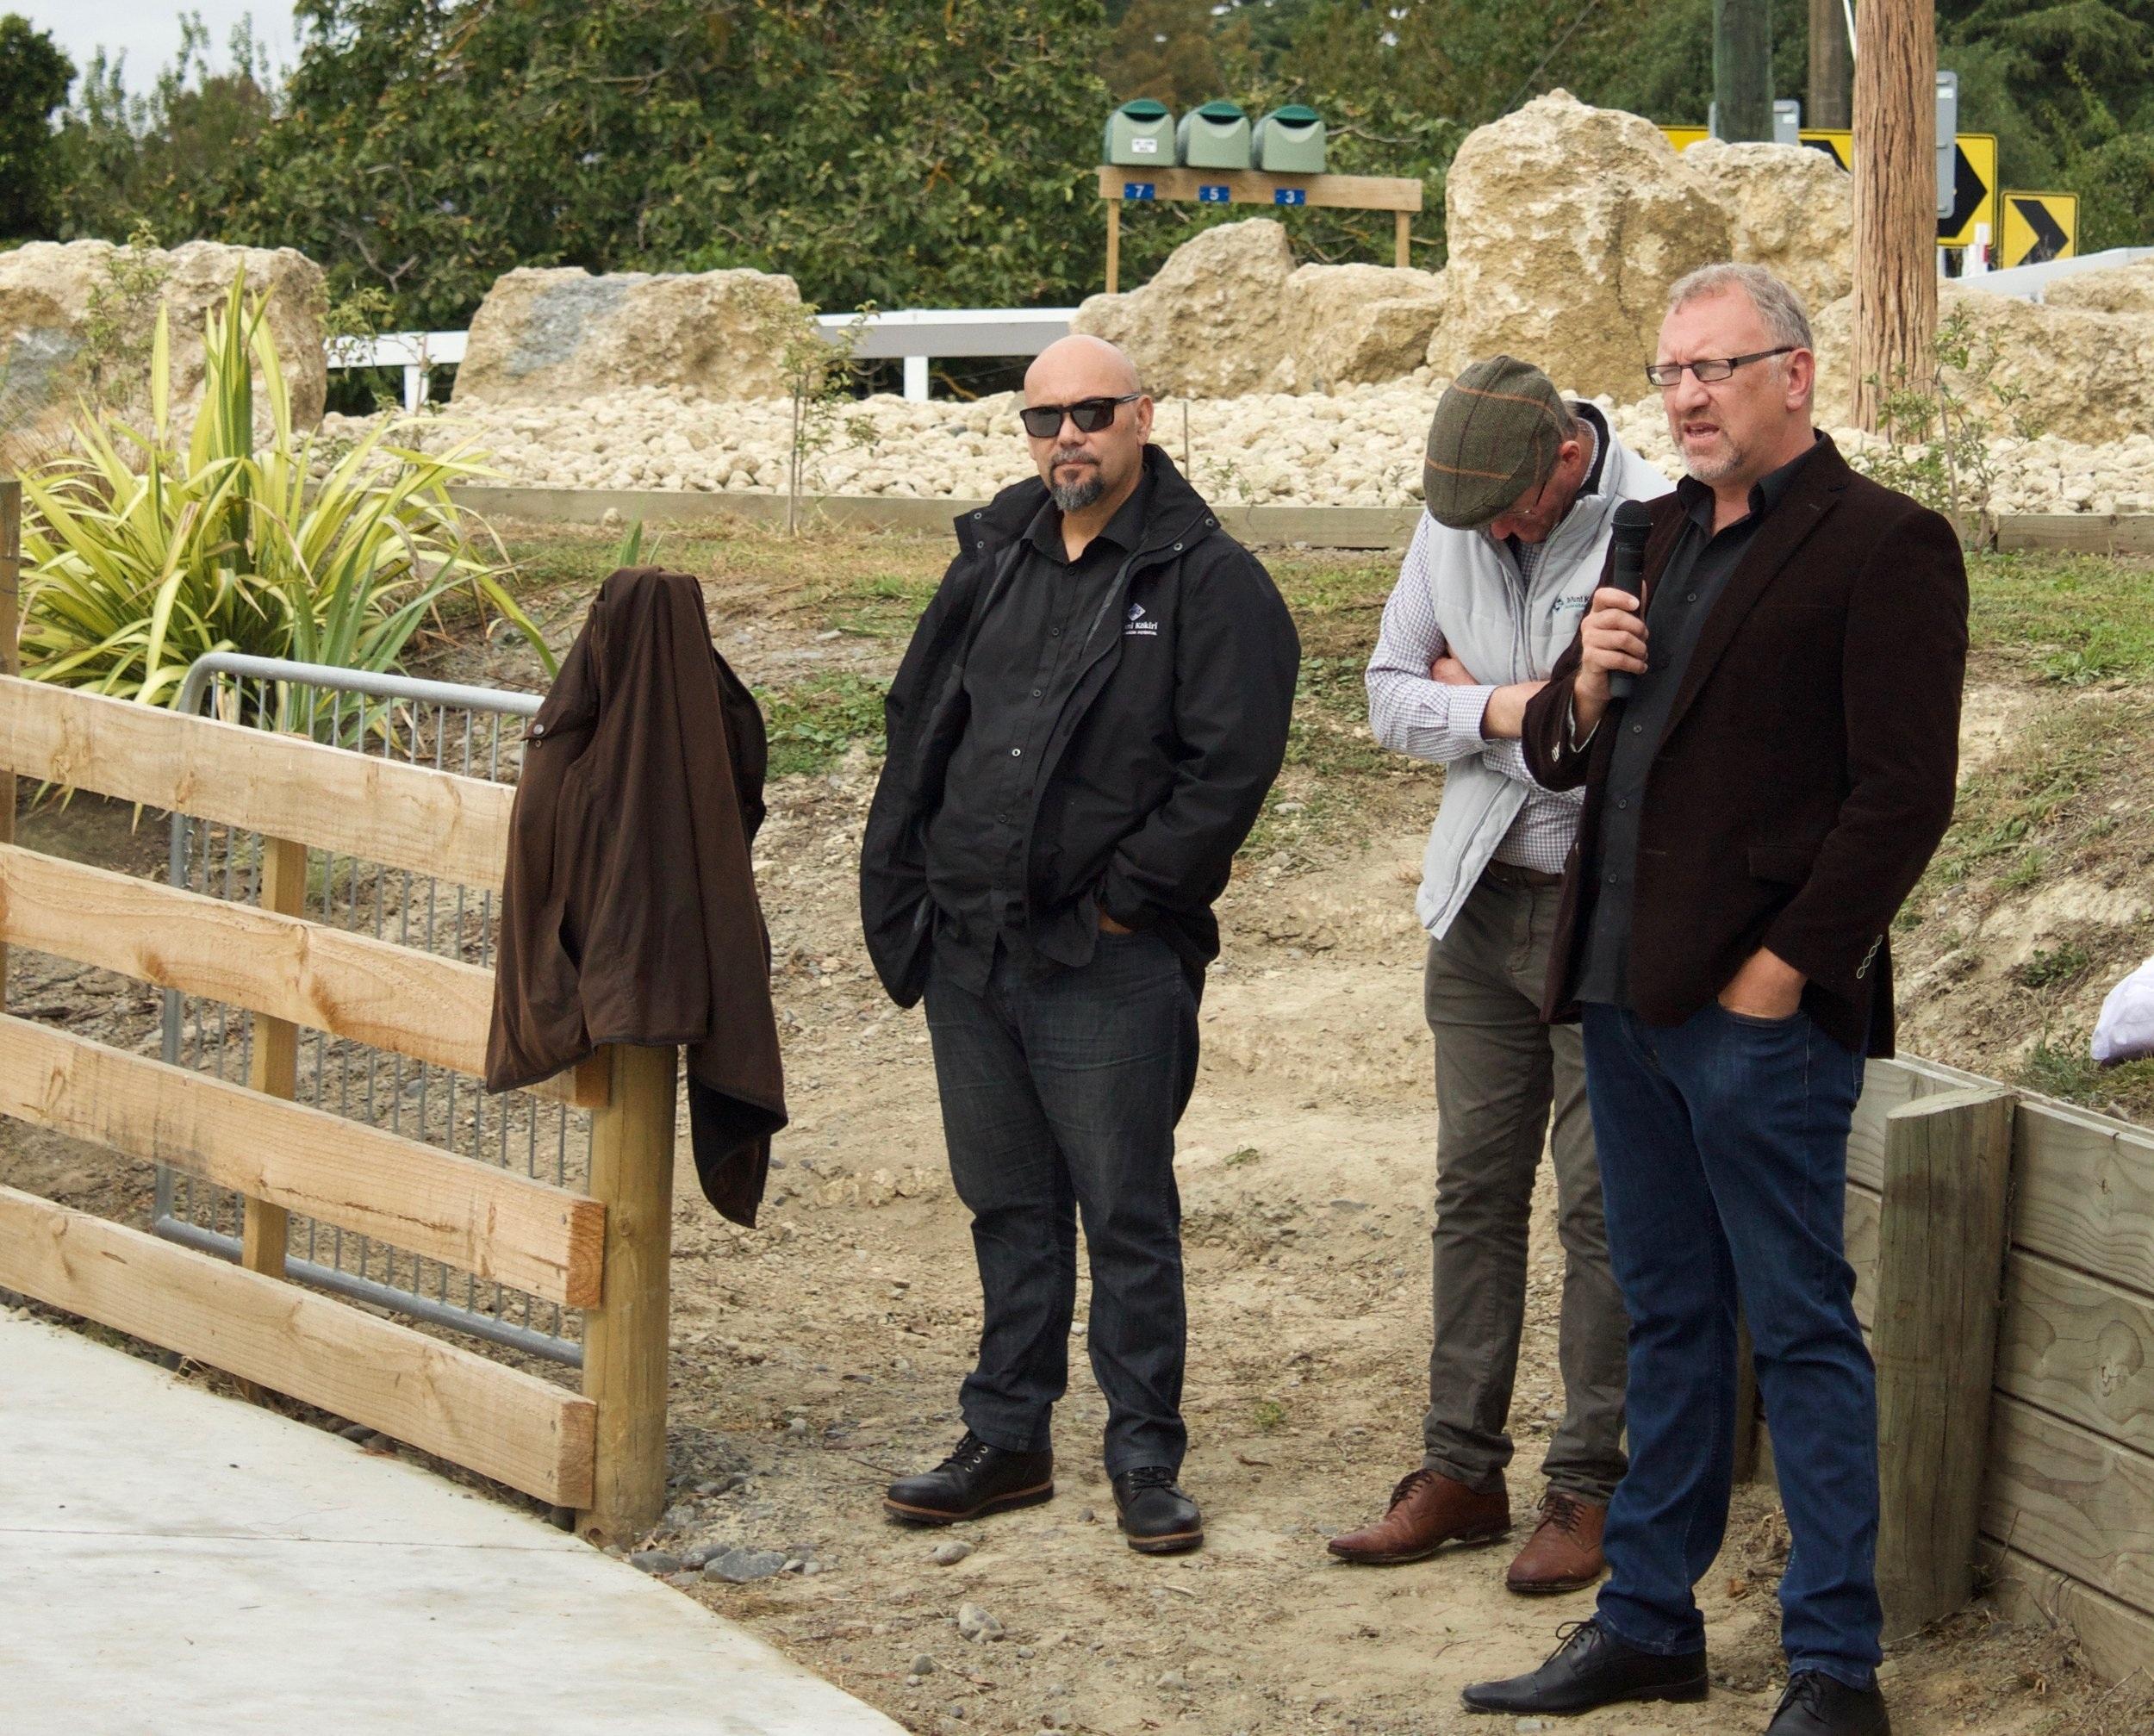 Pāora Sheeran (far right) speaks to the success of Te Piringa Papa Kāinga